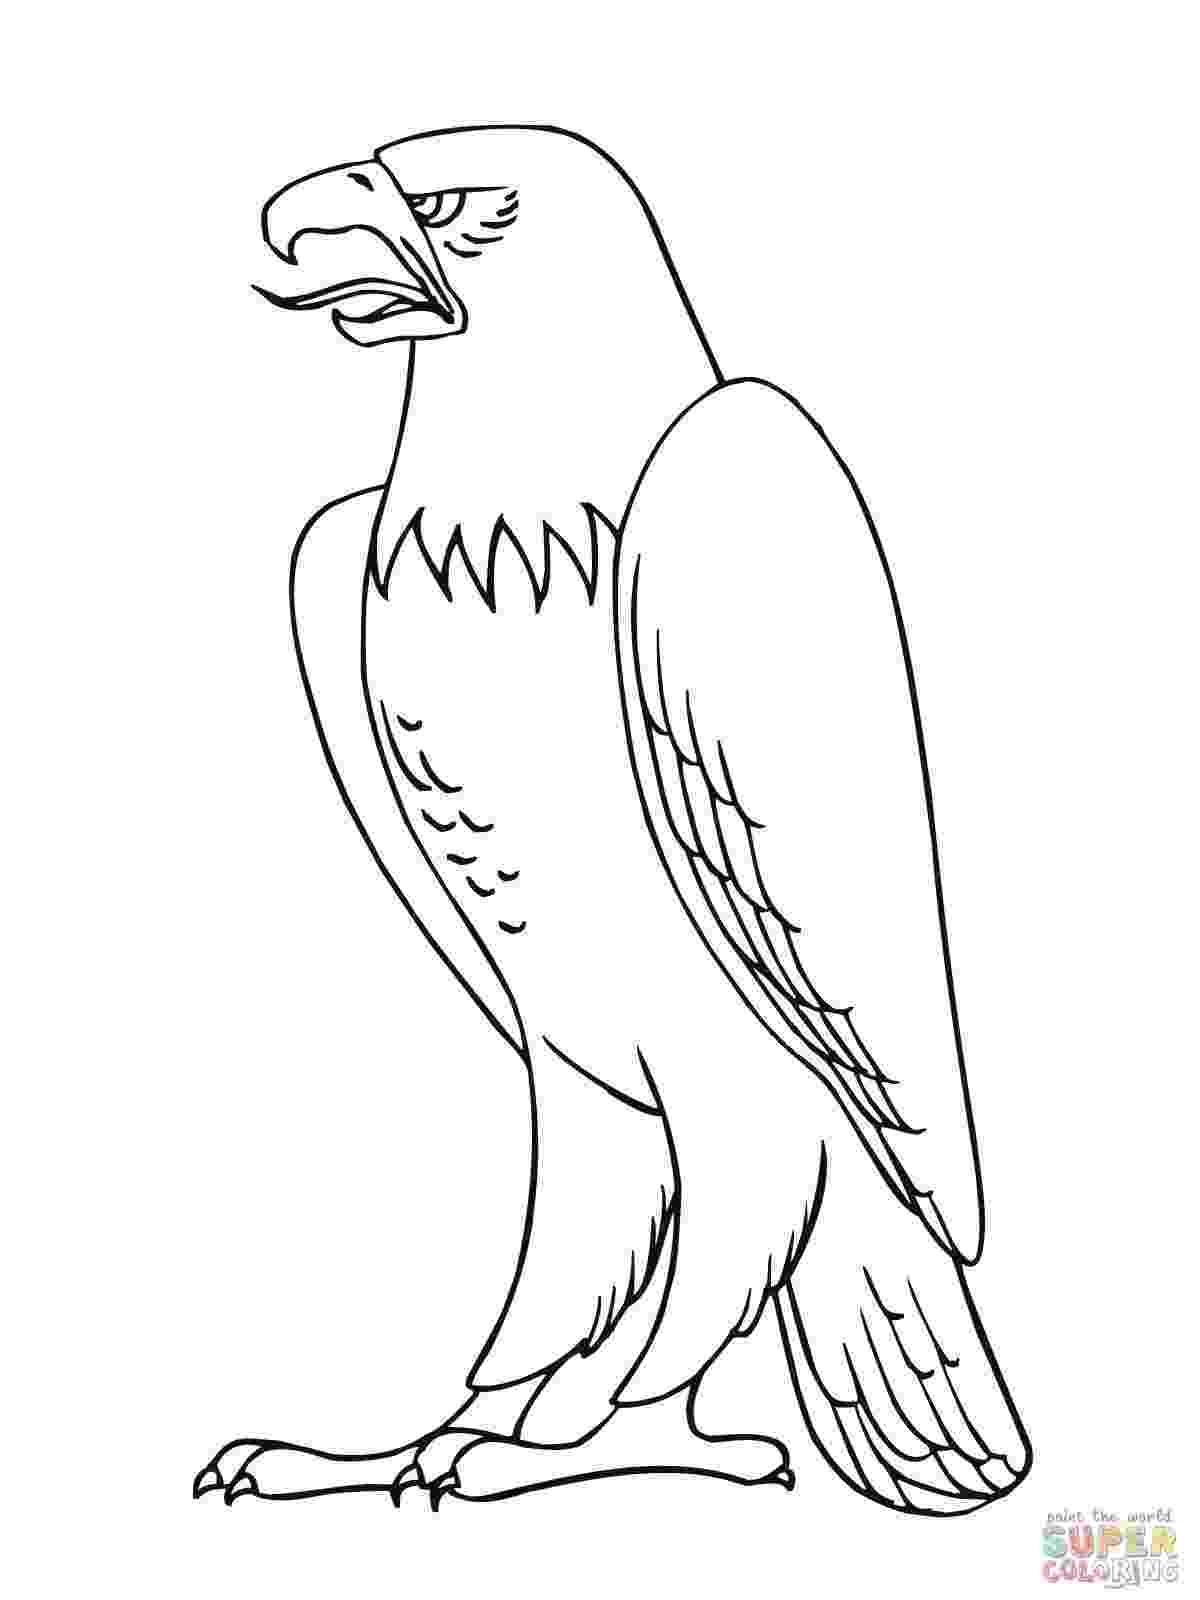 bald eagle coloring free printable bald eagle coloring pages for kids eagle coloring bald 1 1